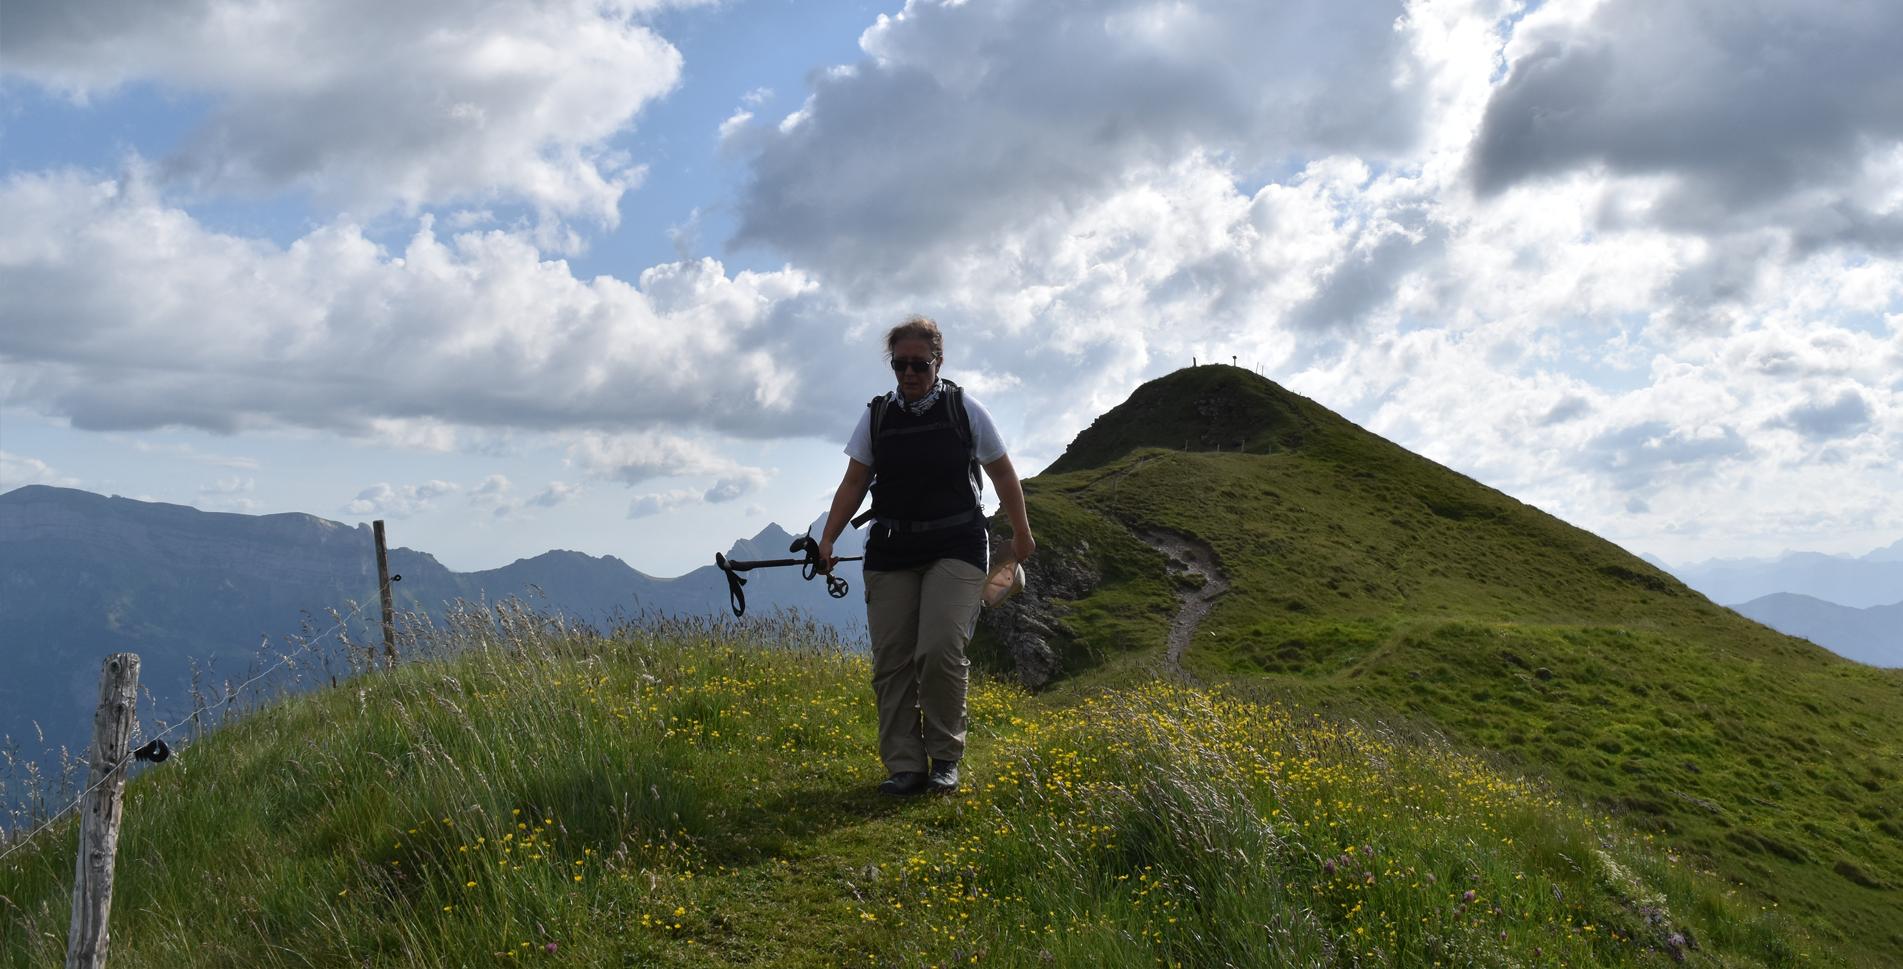 Wanderung auf einem Teil der UNESCO-Welterbe Tektonikarena Sardona vom Maschgenkamm, Flumserberg, via Ziger, Ziggerfurgglen, Calans zur Spitzmeilenhütte SAC und weiter via Alp Fursch, Maschgenlücke zurück zum Maschgenkamm